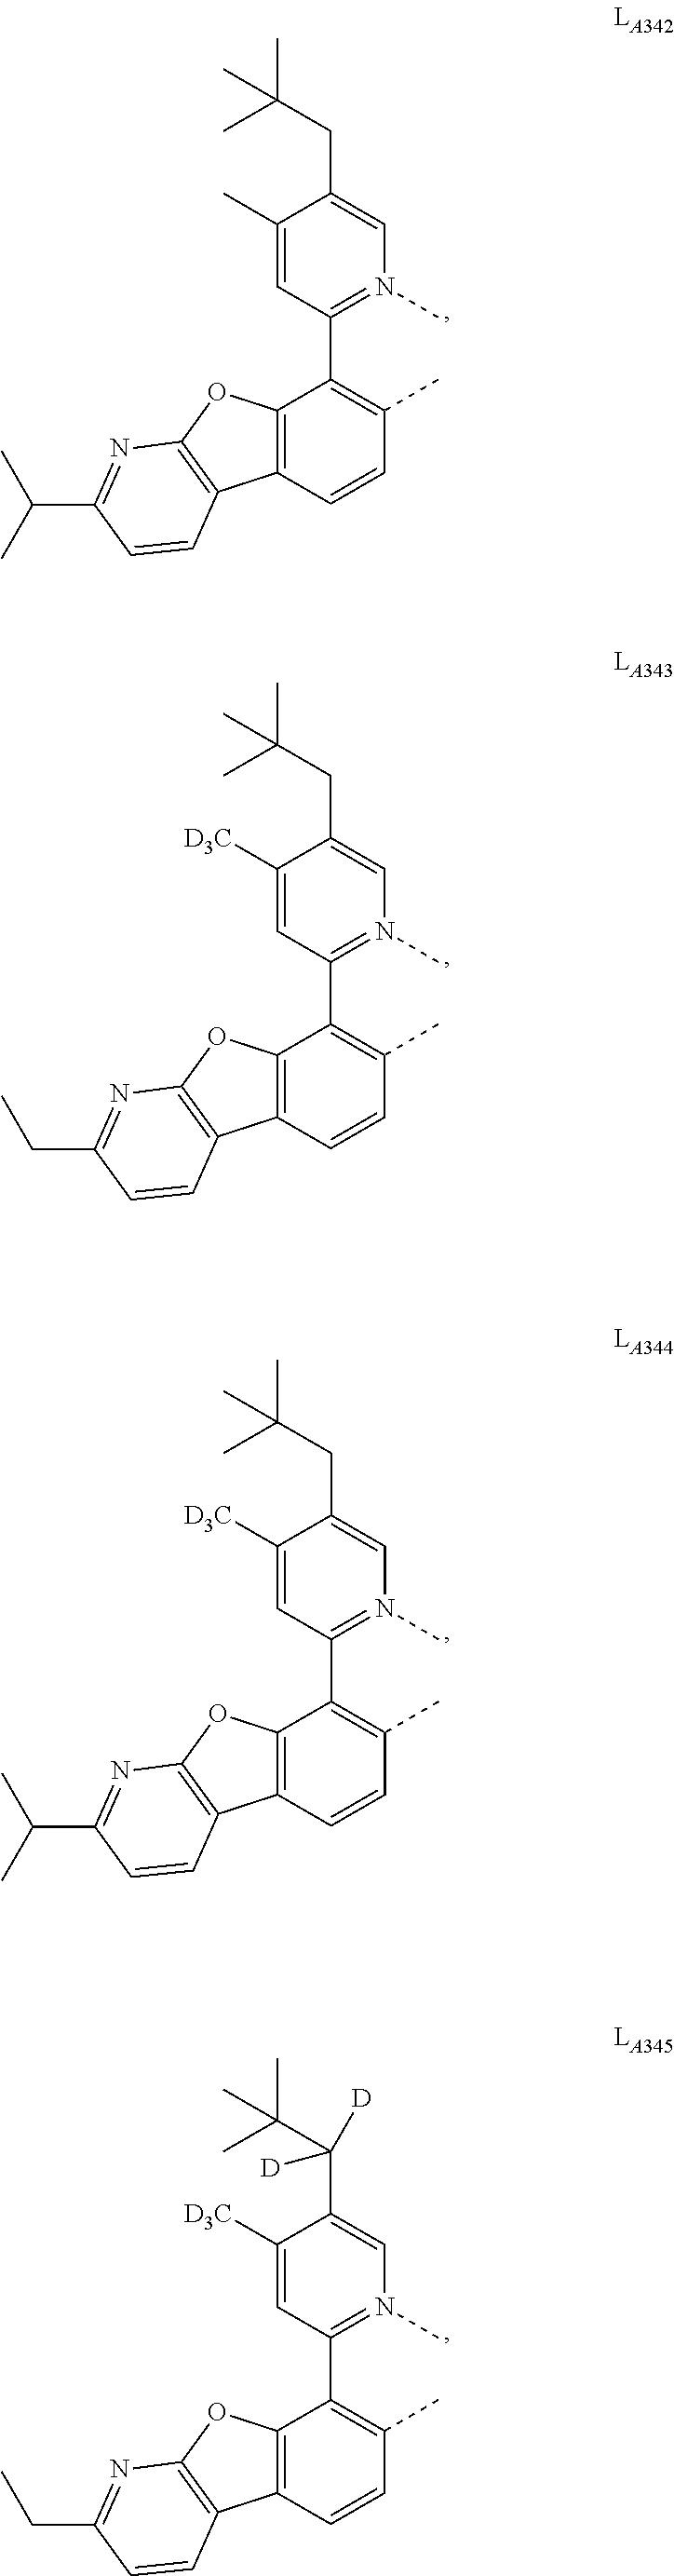 Figure US10043987-20180807-C00092